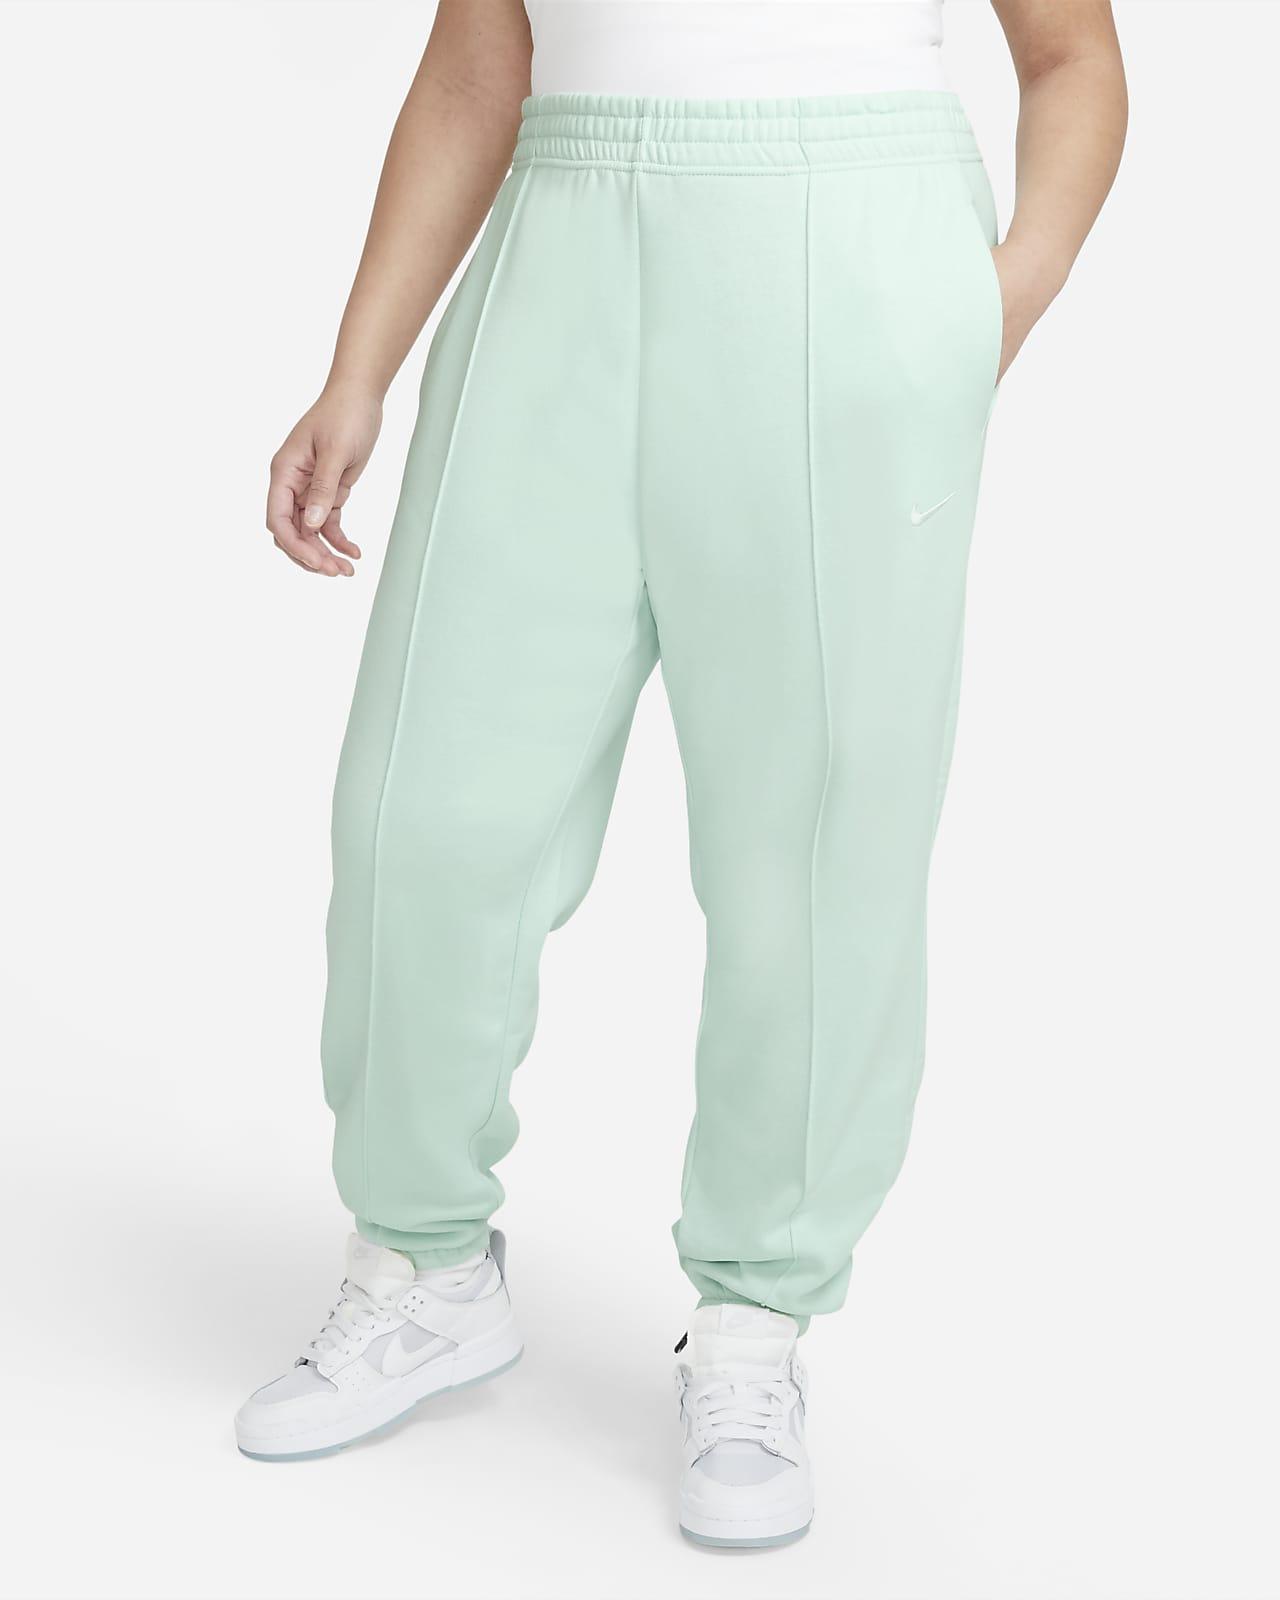 Dámské flísové kalhoty Nike Sportswear Trend (větší velikost)